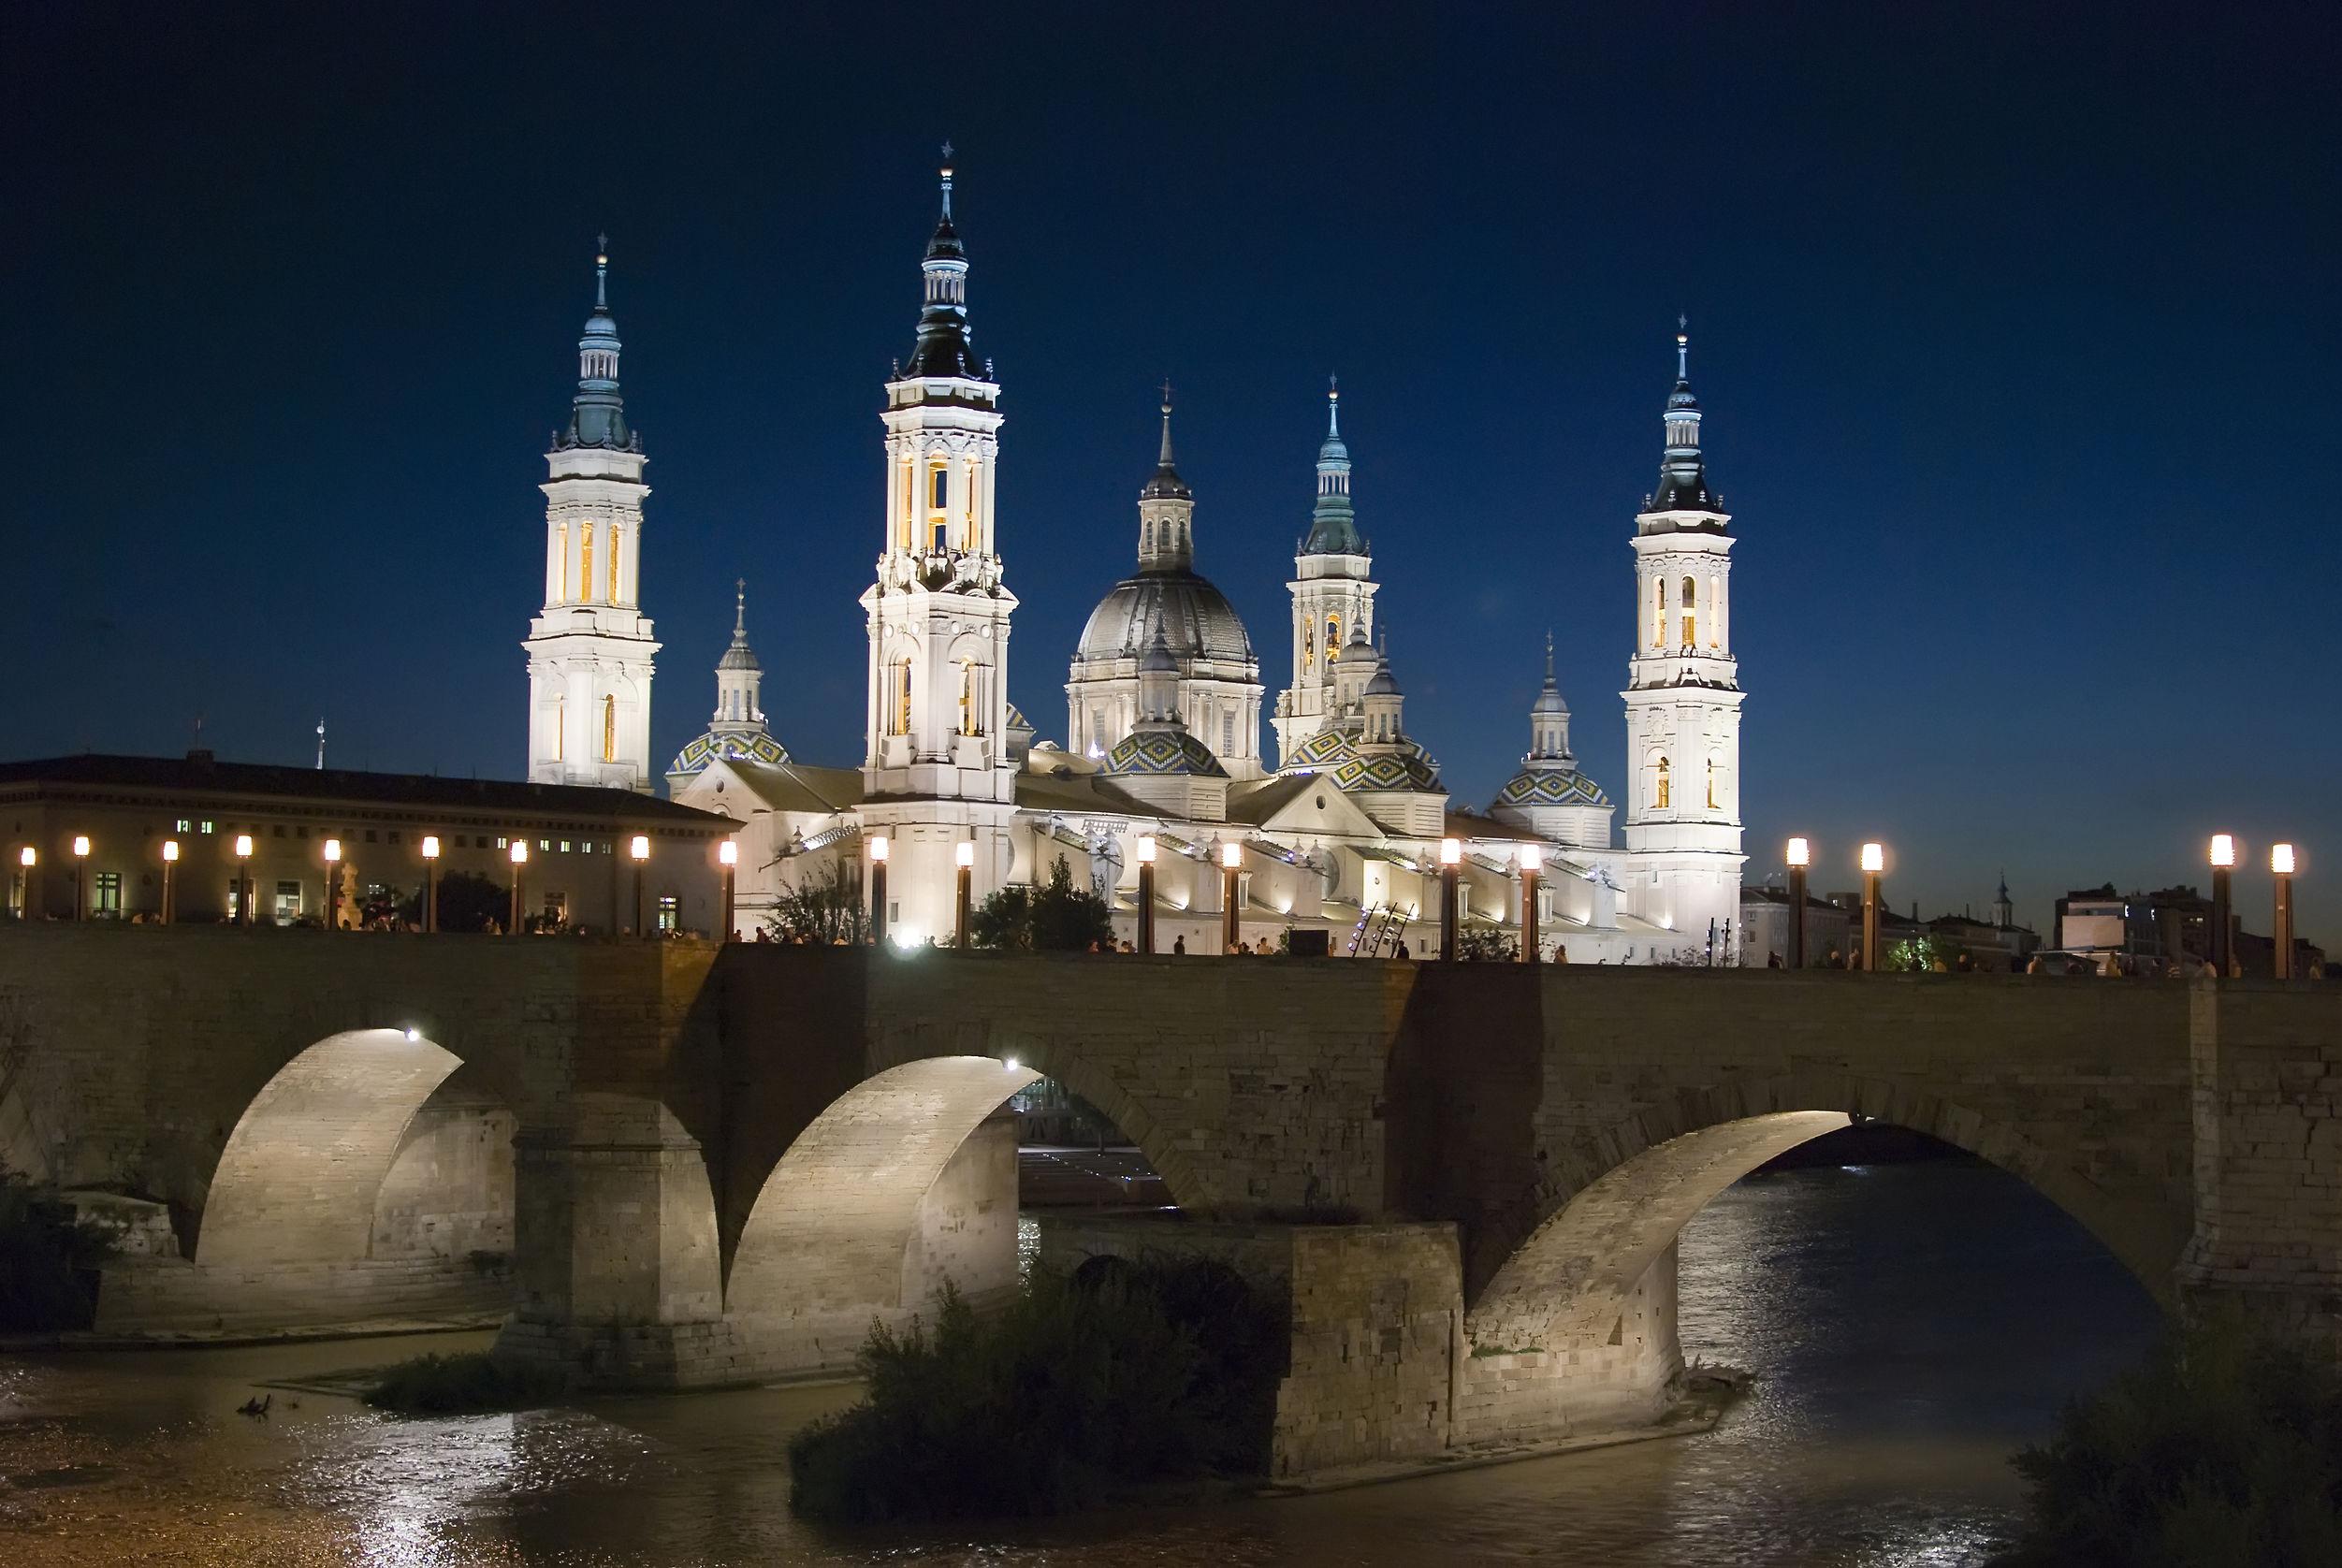 北スペインの観光スポットであるアラゴンのサラゴサにある聖母ピラール大聖堂